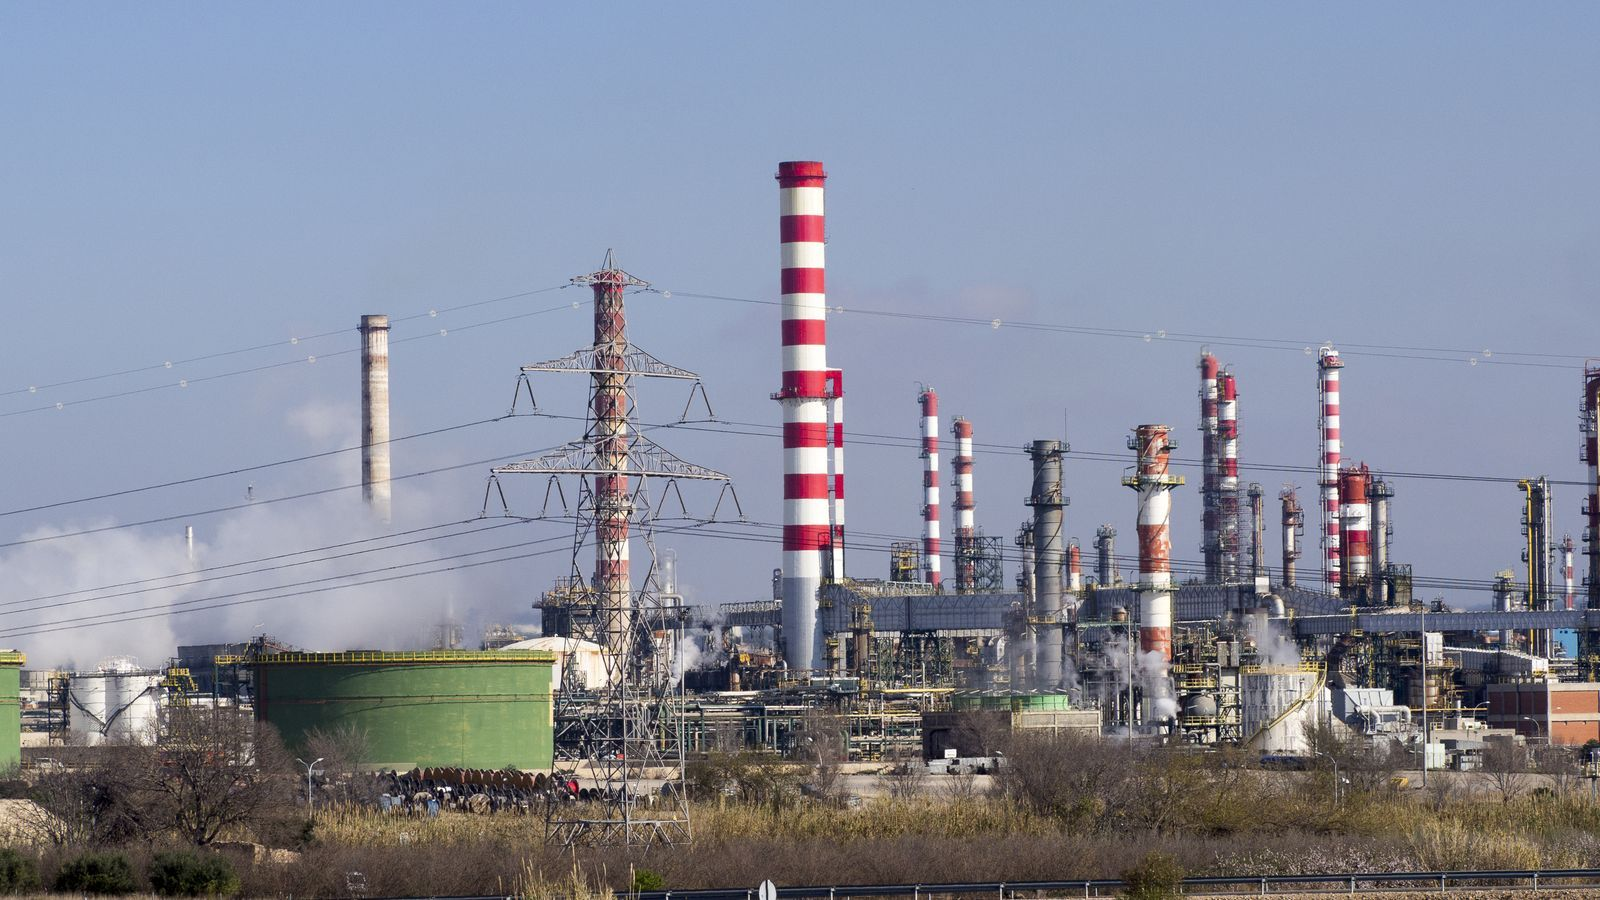 Les instal·lacions de Repsol on s'hauria produït la fuita de sulfhídric que ha generat l'episodi de males olors no tòxiques